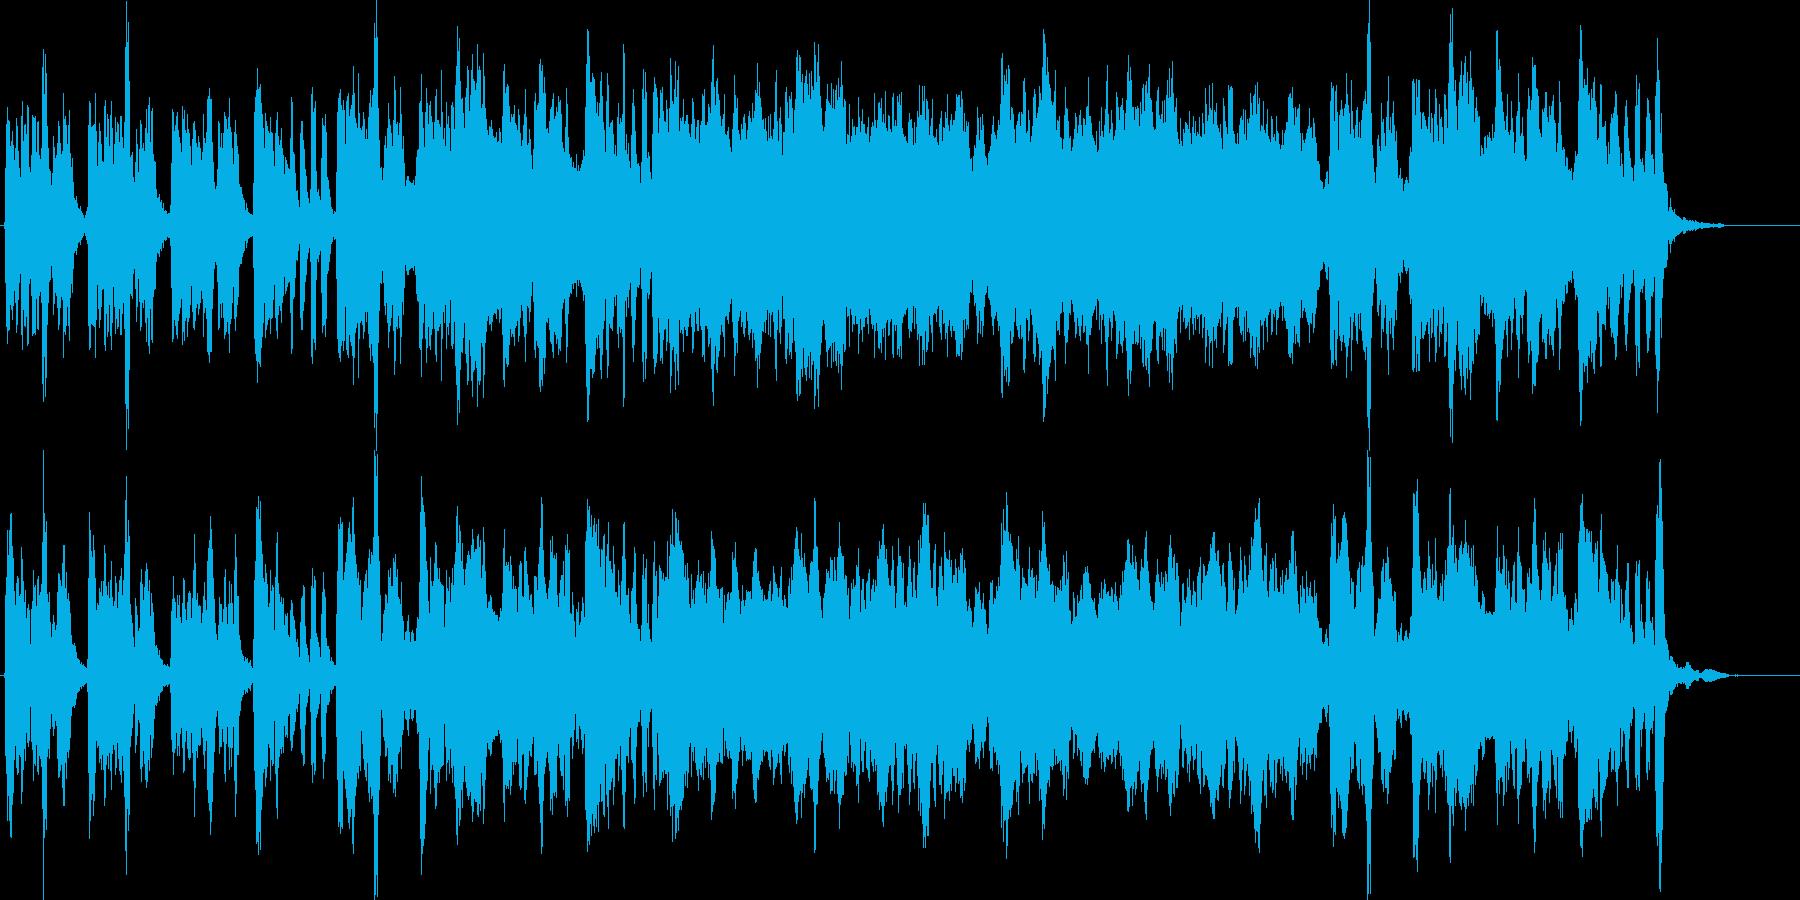 感動的で切ないストリングスBGMの再生済みの波形